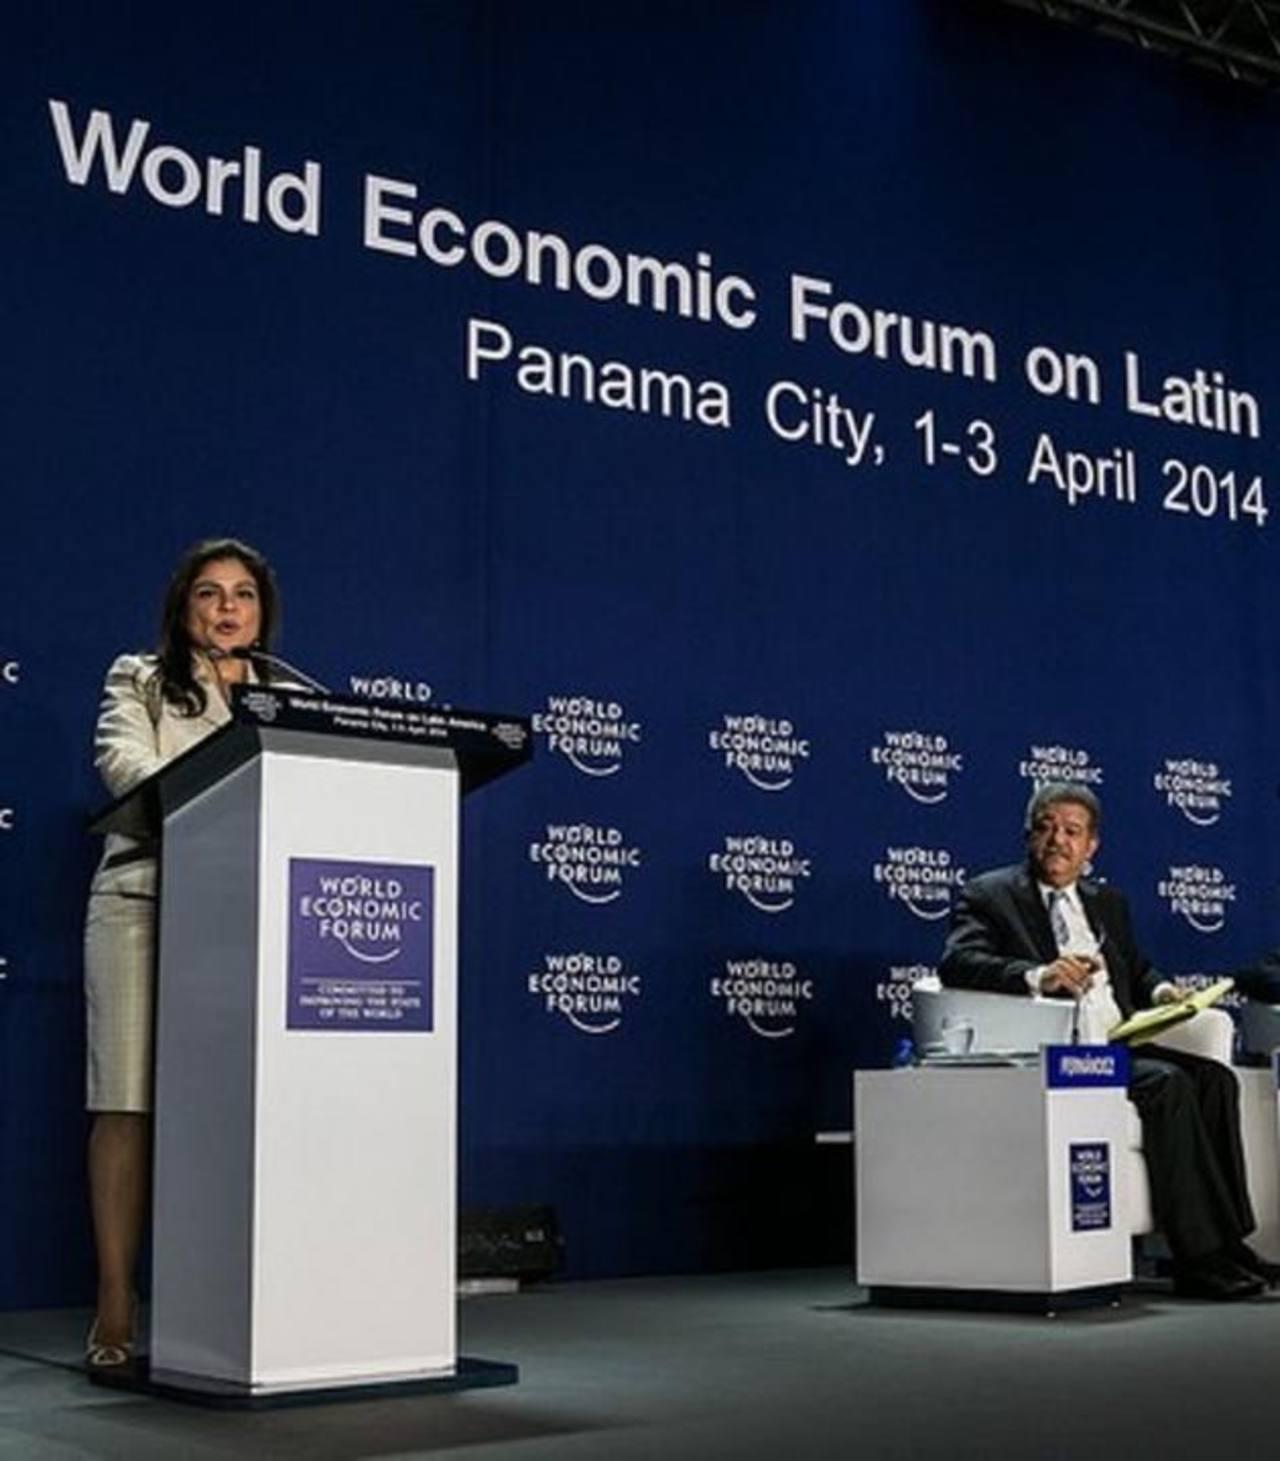 Marisol de Barillas, directora senior del Foro para A.L., preside la organización de la reunión anual del Foro Económico Mundial Latinoamérica, este año en Riviera Maya, México. foto cortesía